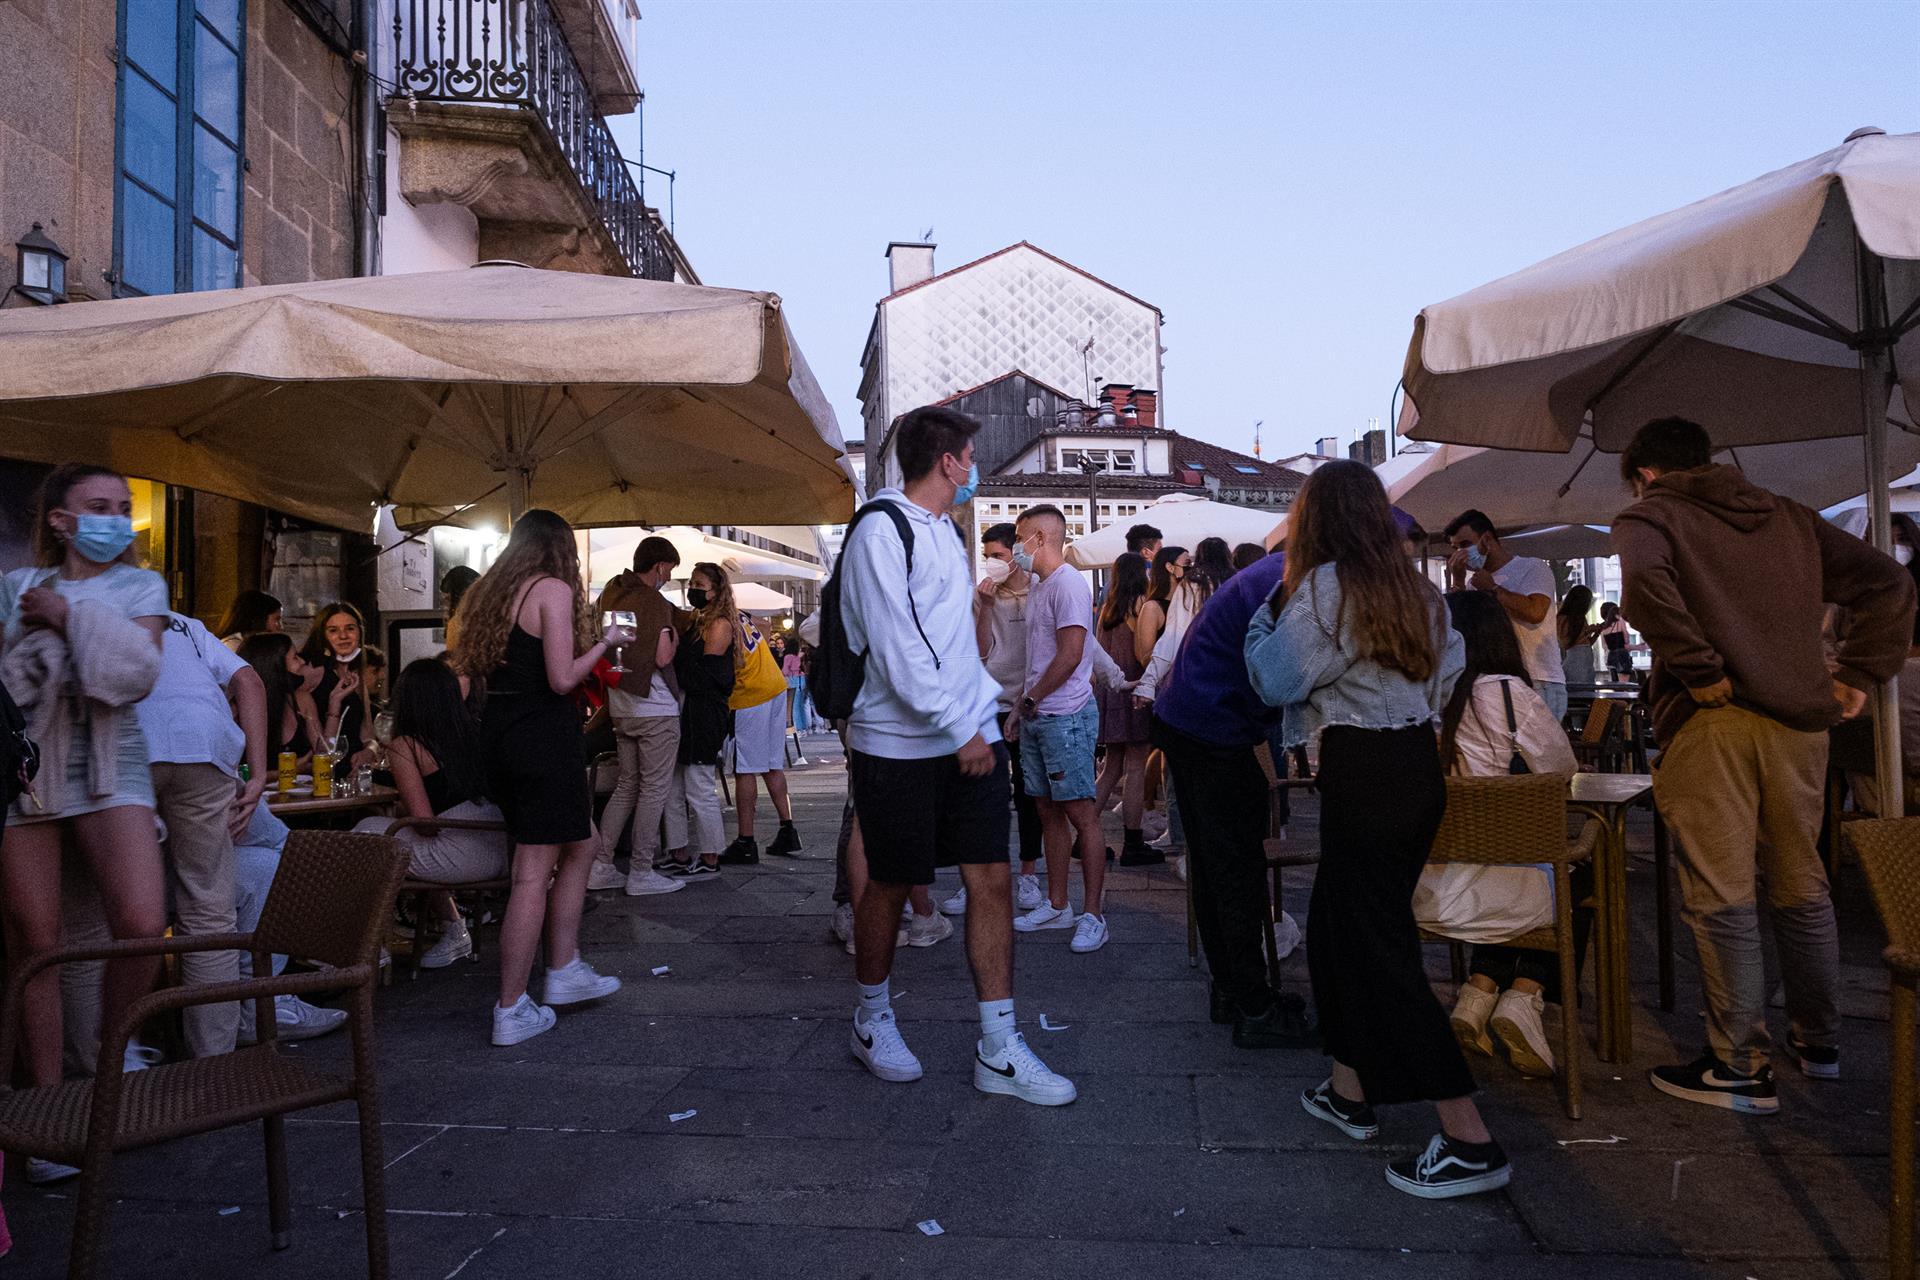 Personas en una zona de hostelería de Santiago. - César Arxina - Europa Press